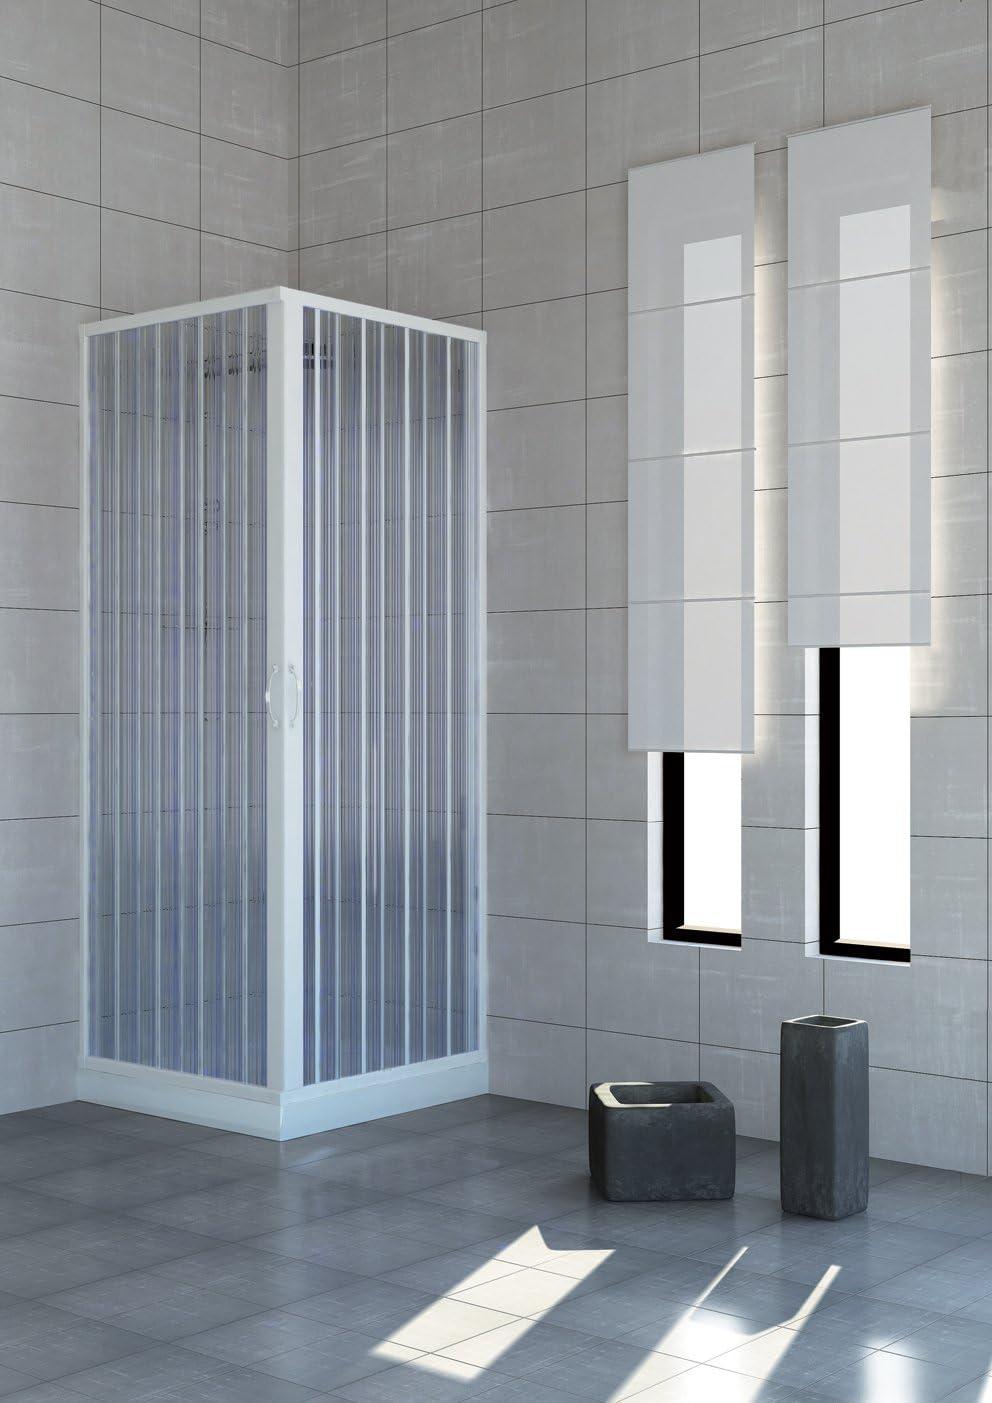 Roll plast blun2concc28080100 cabinas de ducha puerta, tamaño: 80 x 100 x h 185 cm, de PVC, apertura lateral, 2 puertas, color blanco: Amazon.es: Bricolaje y herramientas